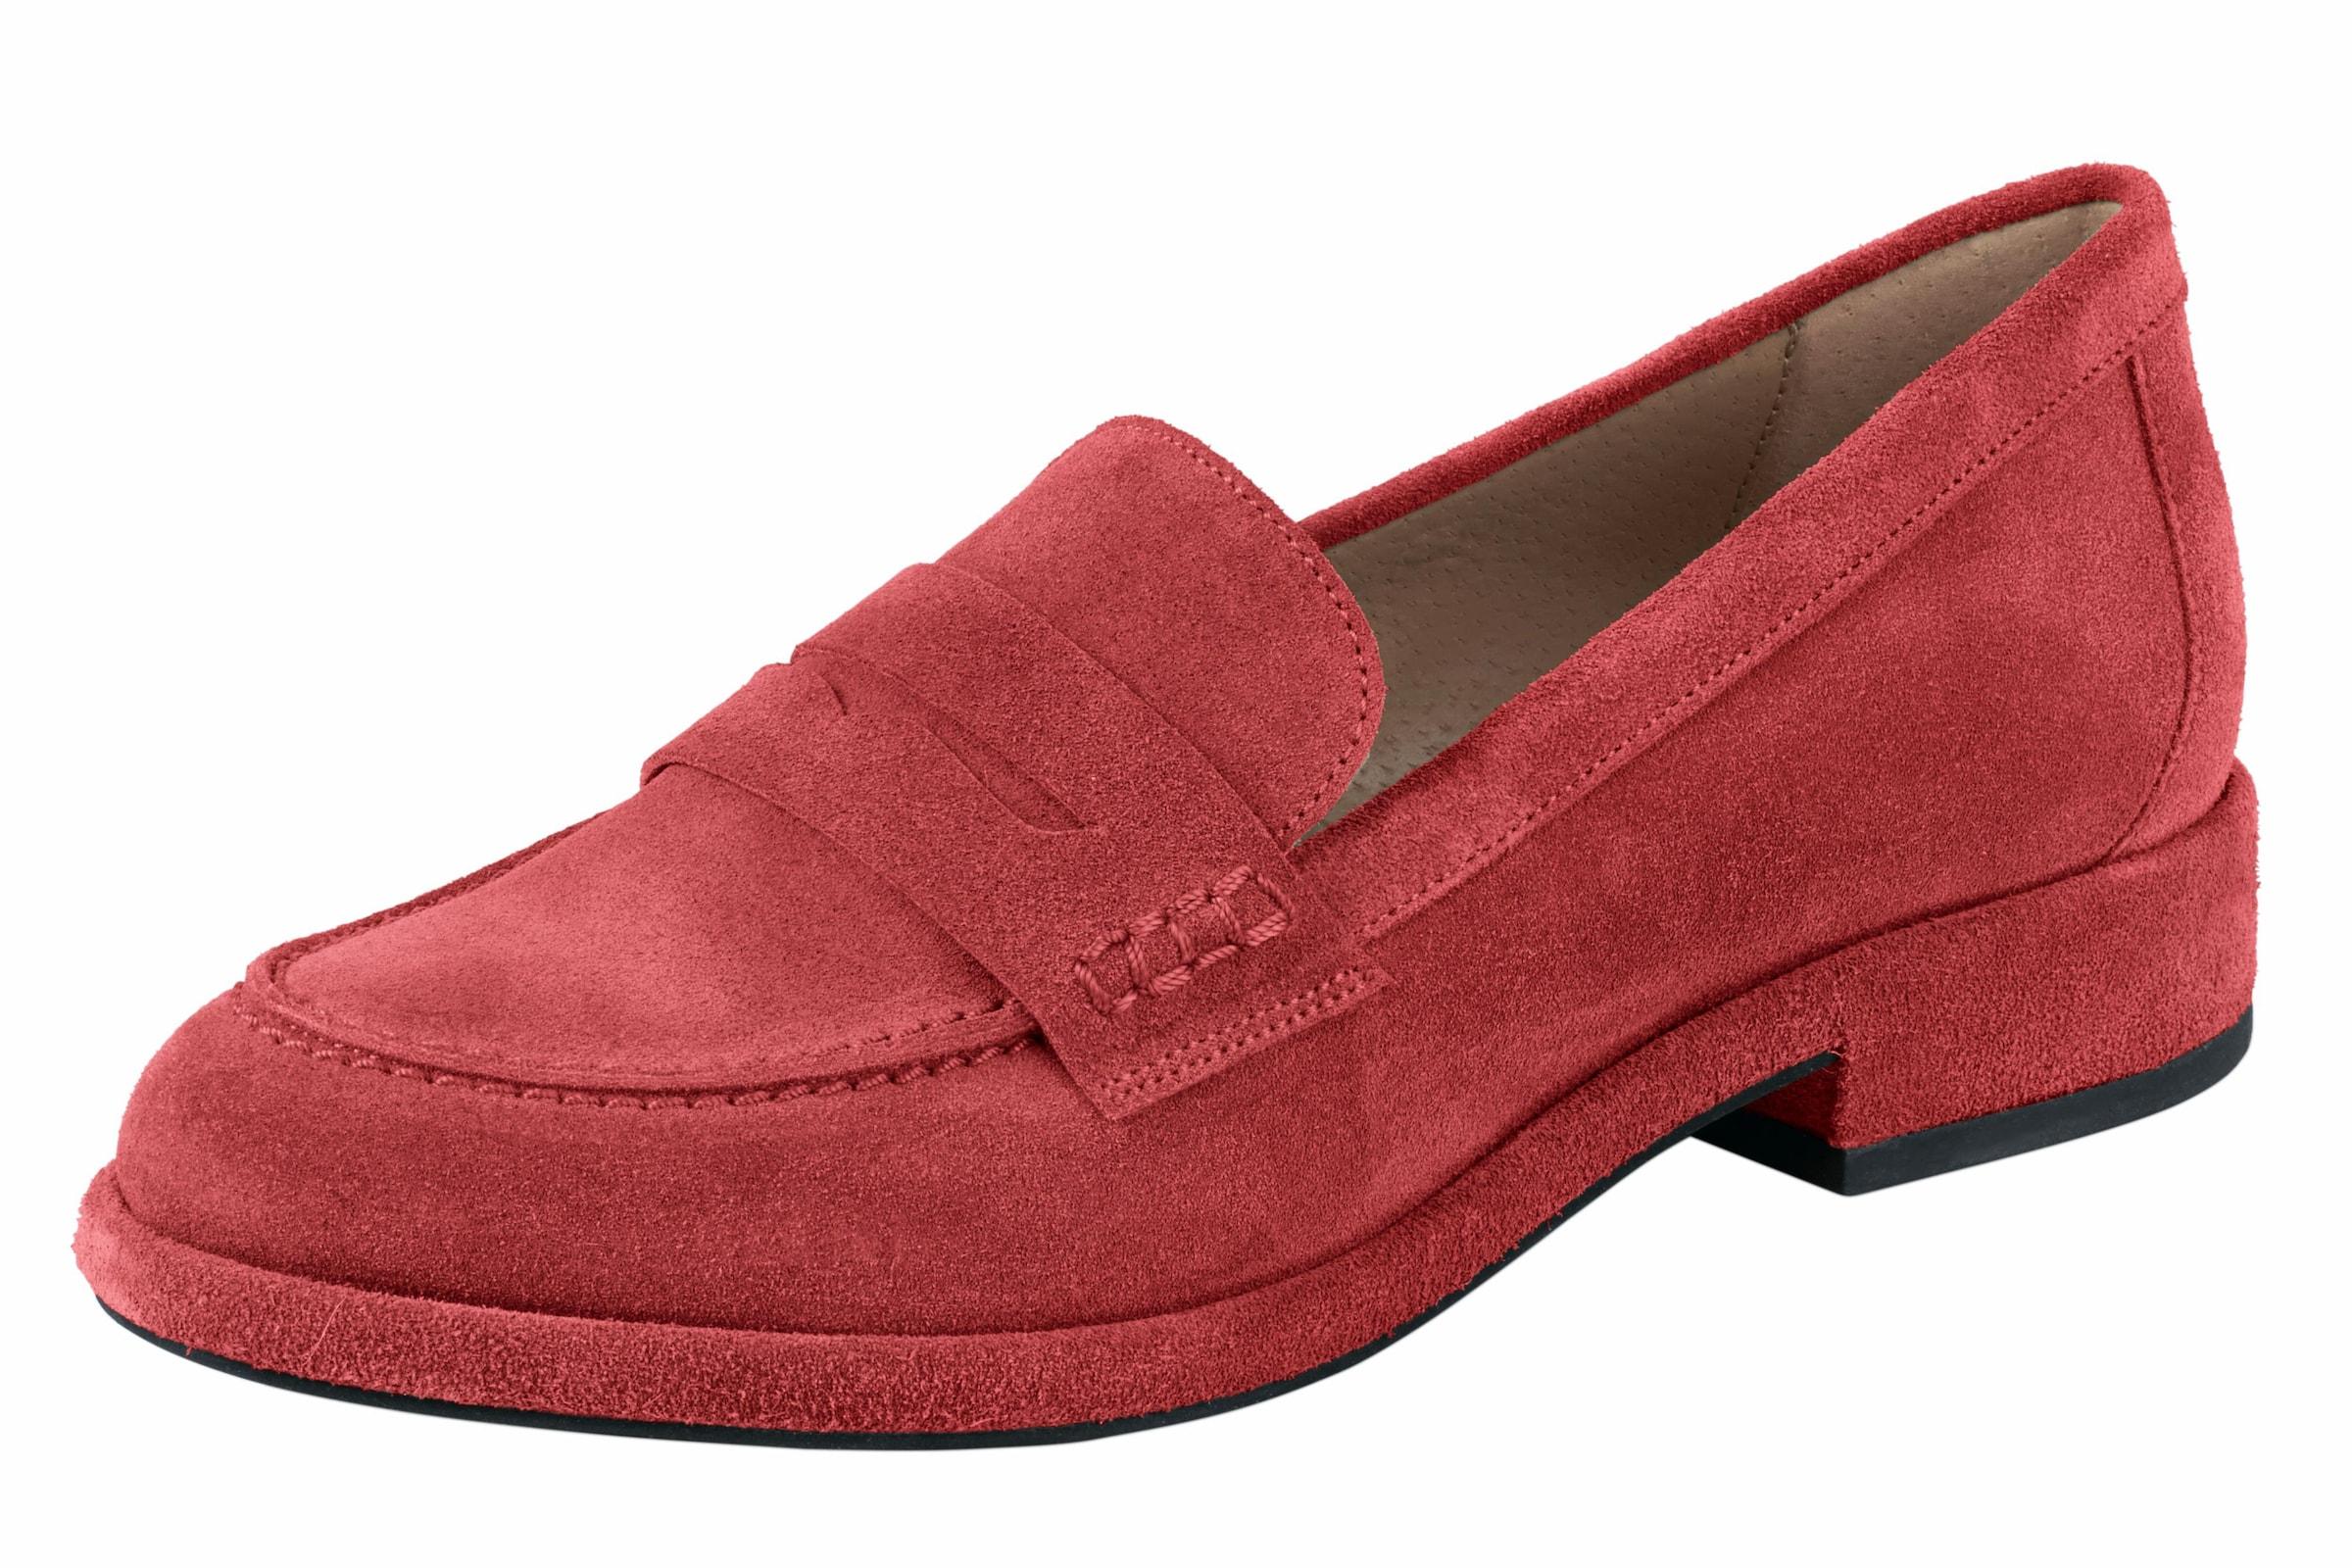 heine Slipper im Penny-Loafer-Style Günstige und langlebige Schuhe